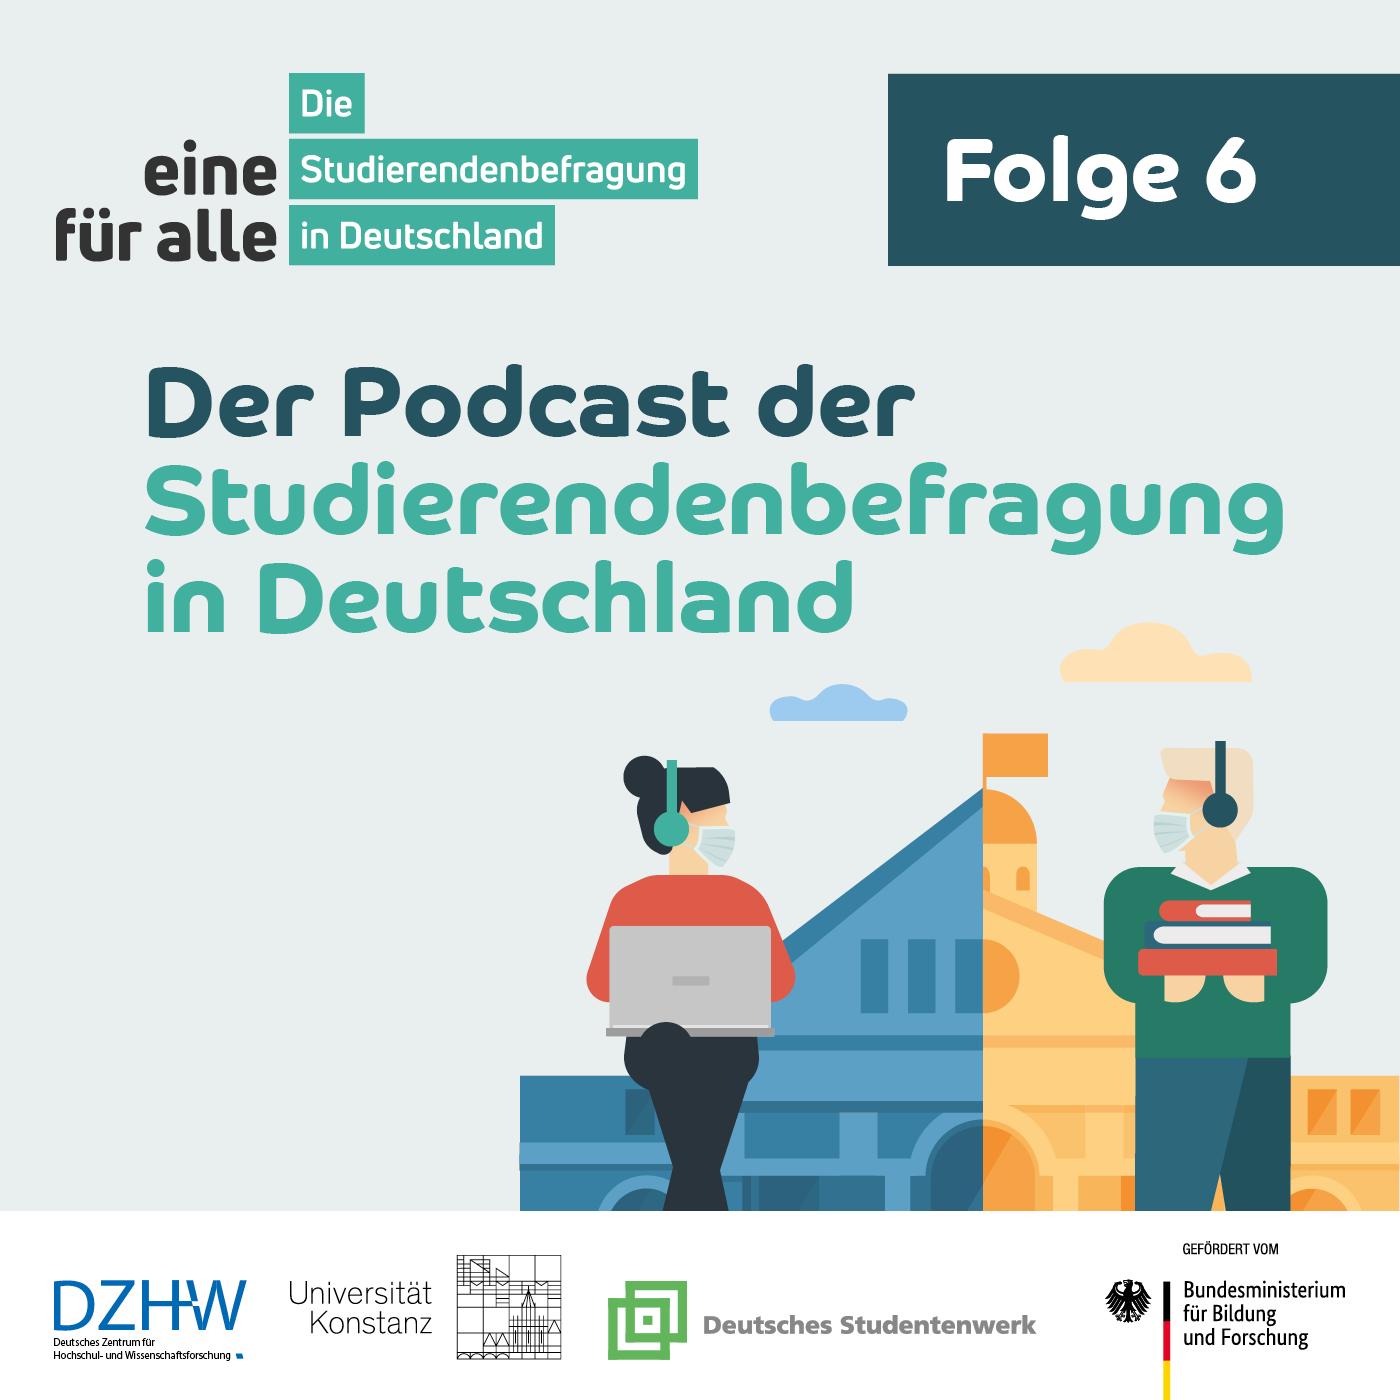 #einefüralle - jobben, wohnen - soziale Ungleichheit im Studium.